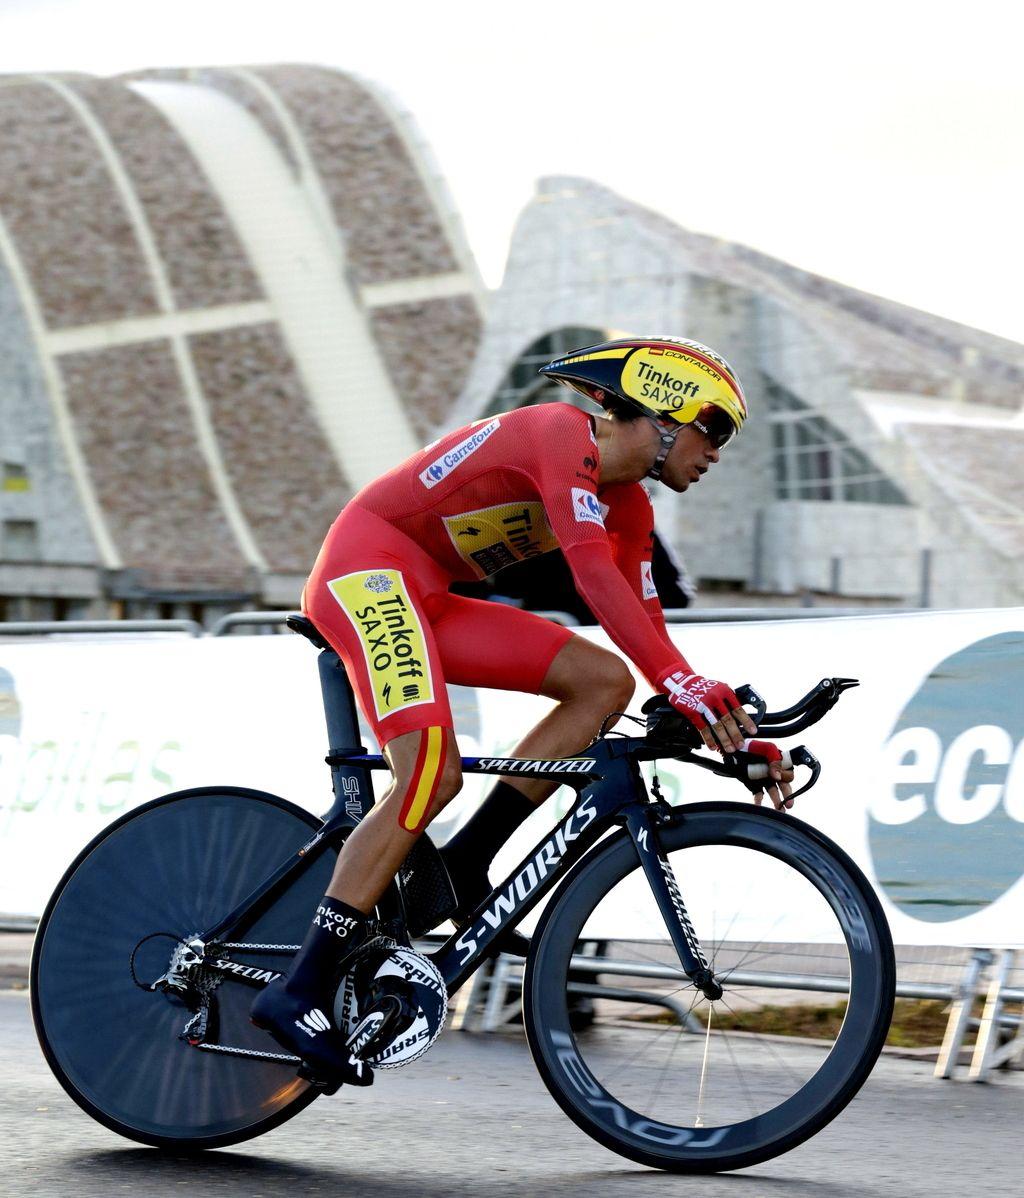 El ciclista Alberto Contador, del equipo Tinkoff-Saxo